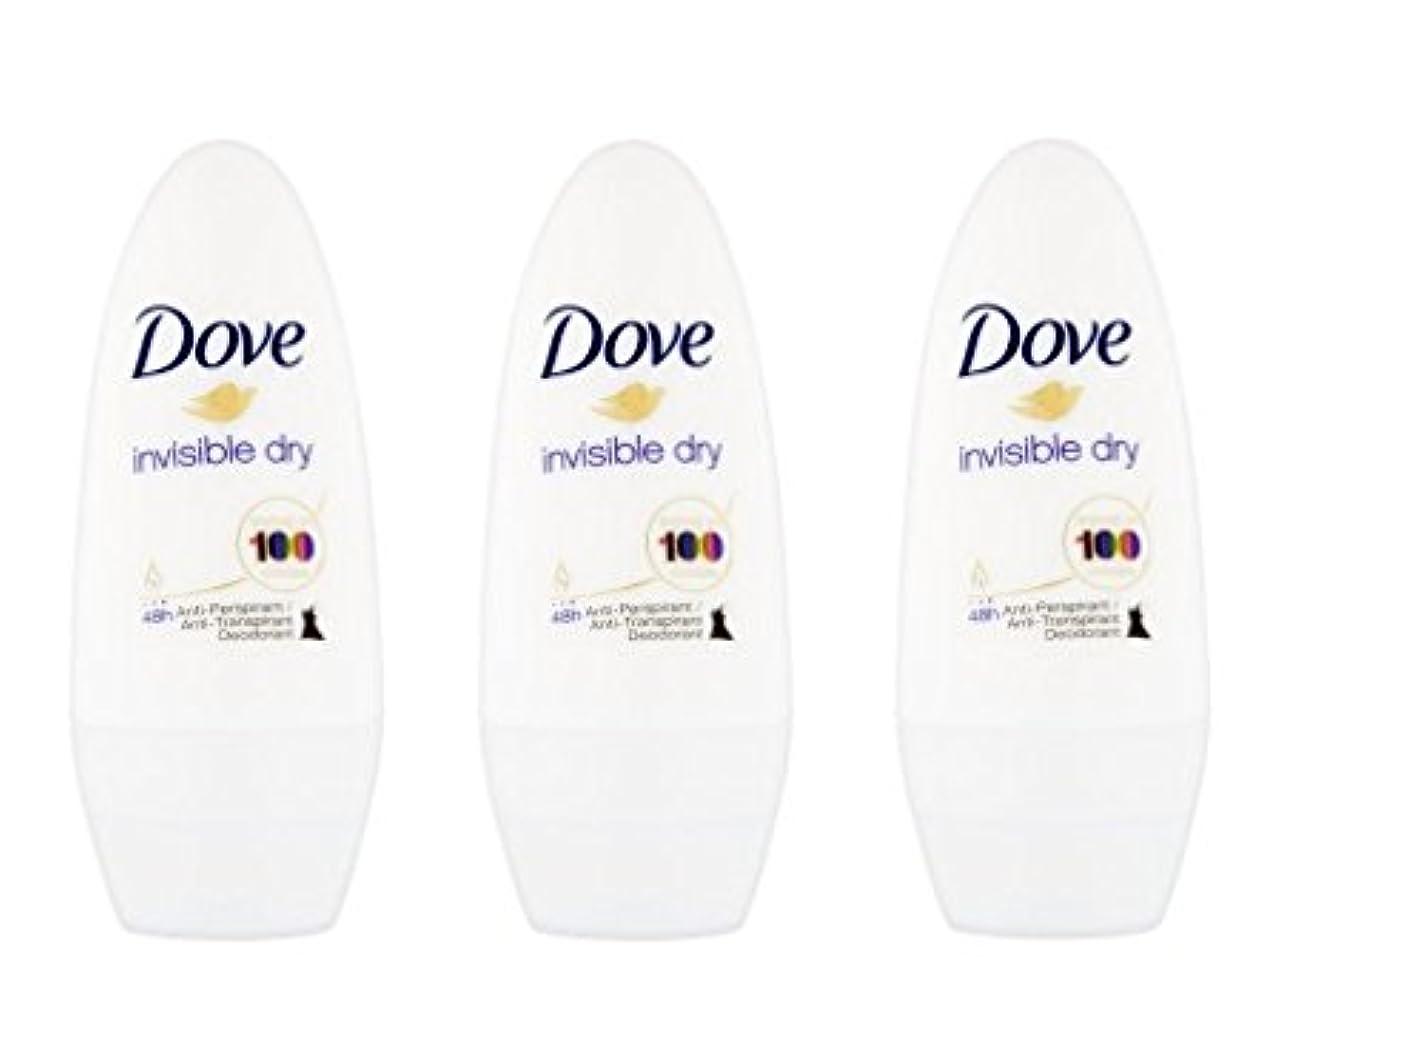 吐き出す経済的メンダシティDove Invisible Dry 48 Hs Anti-perspirant Roll-on Deodorant. 50 Ml. (Pack of 3) by Dove [並行輸入品]